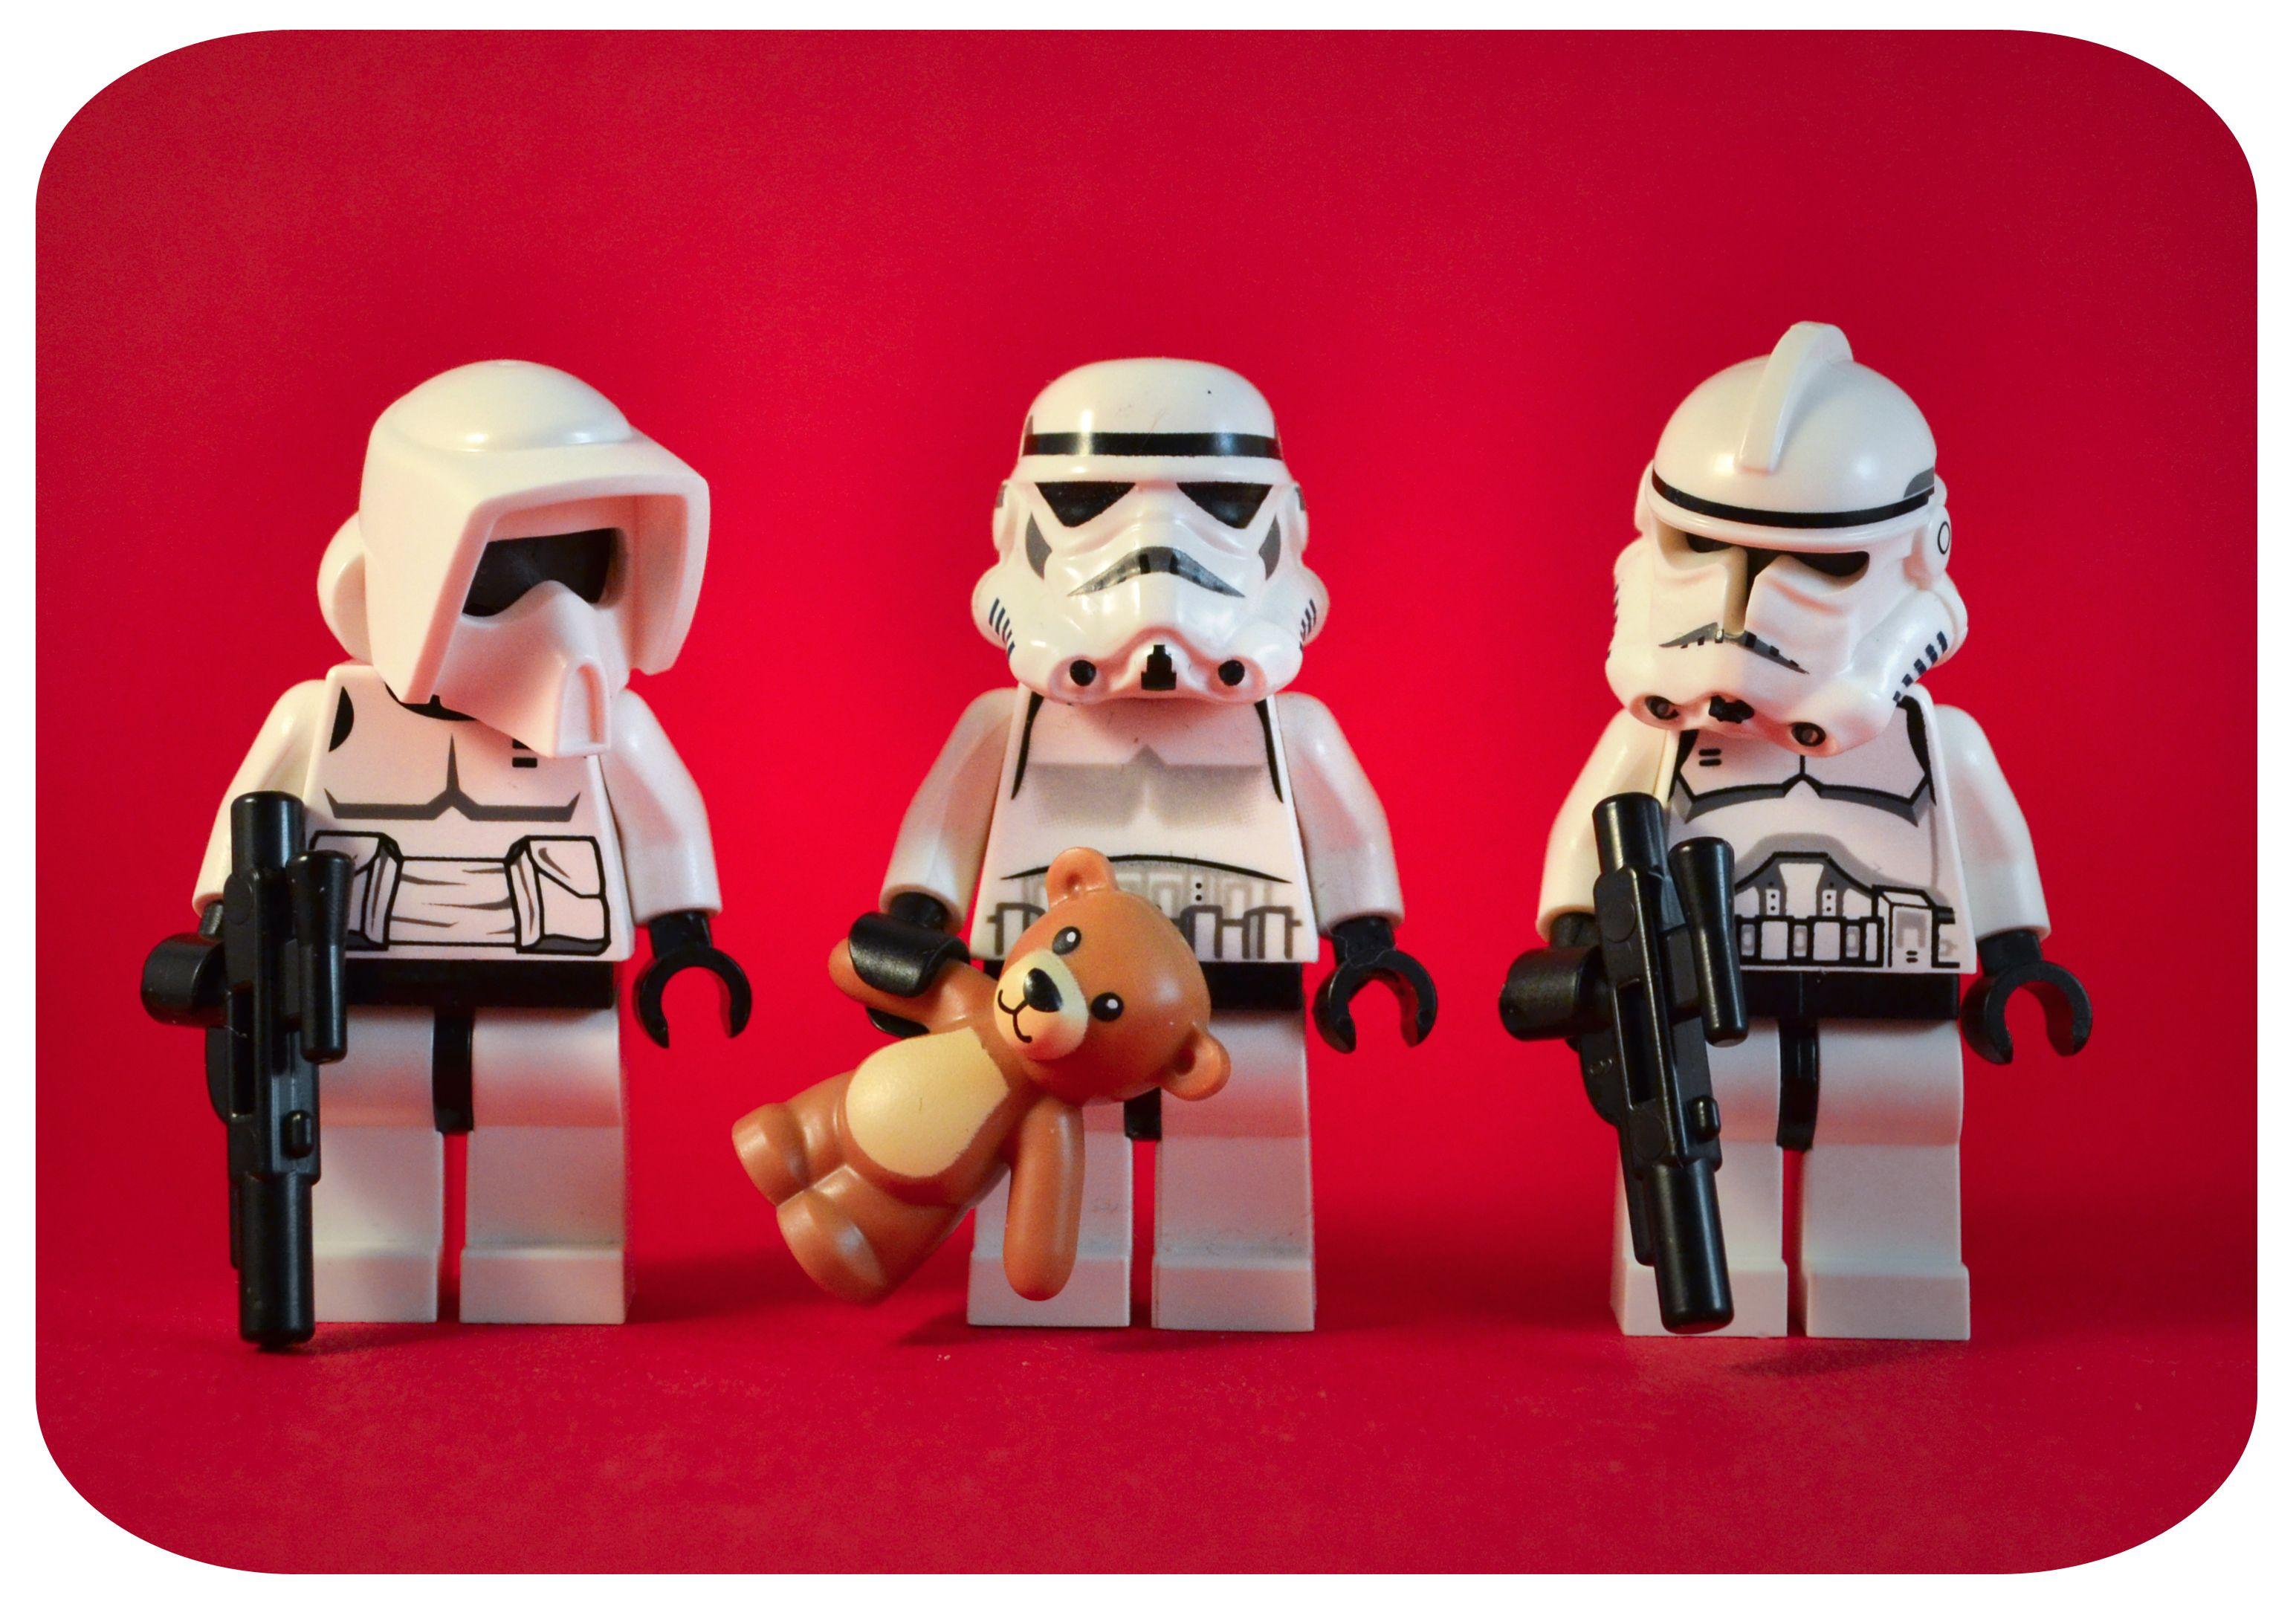 star wars lego stormtrooper and lego pinterest. Black Bedroom Furniture Sets. Home Design Ideas